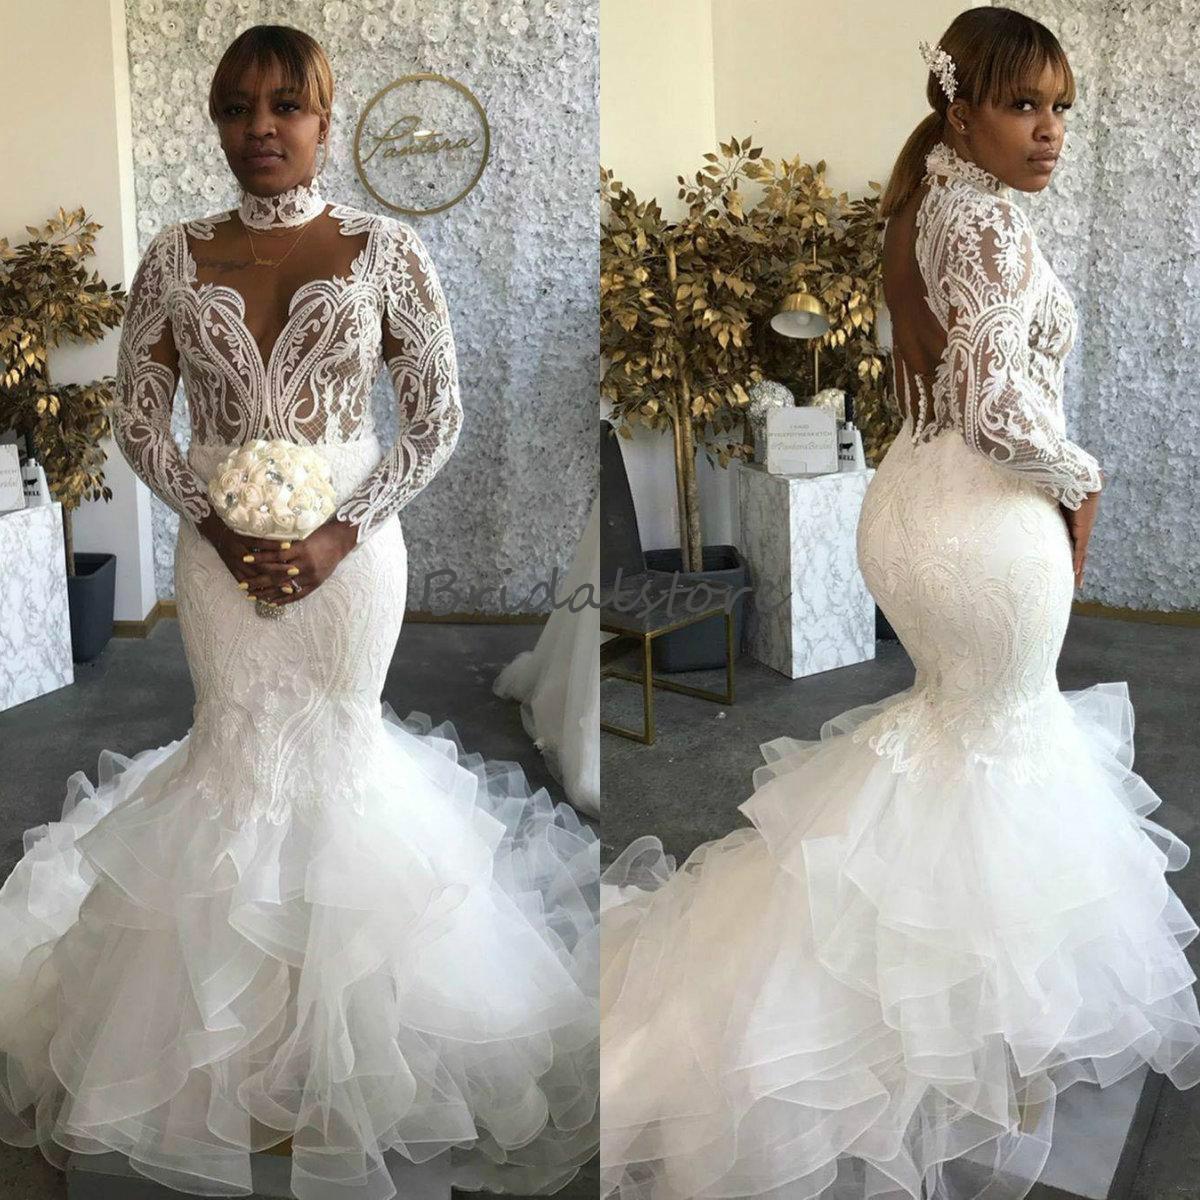 Crochet Lace BOHO Свадебные платья с длинными рукавами 2021 Sheer High Neck Открыть Назад African Русалка Свадебные платья с оборками Поезд Дешевые